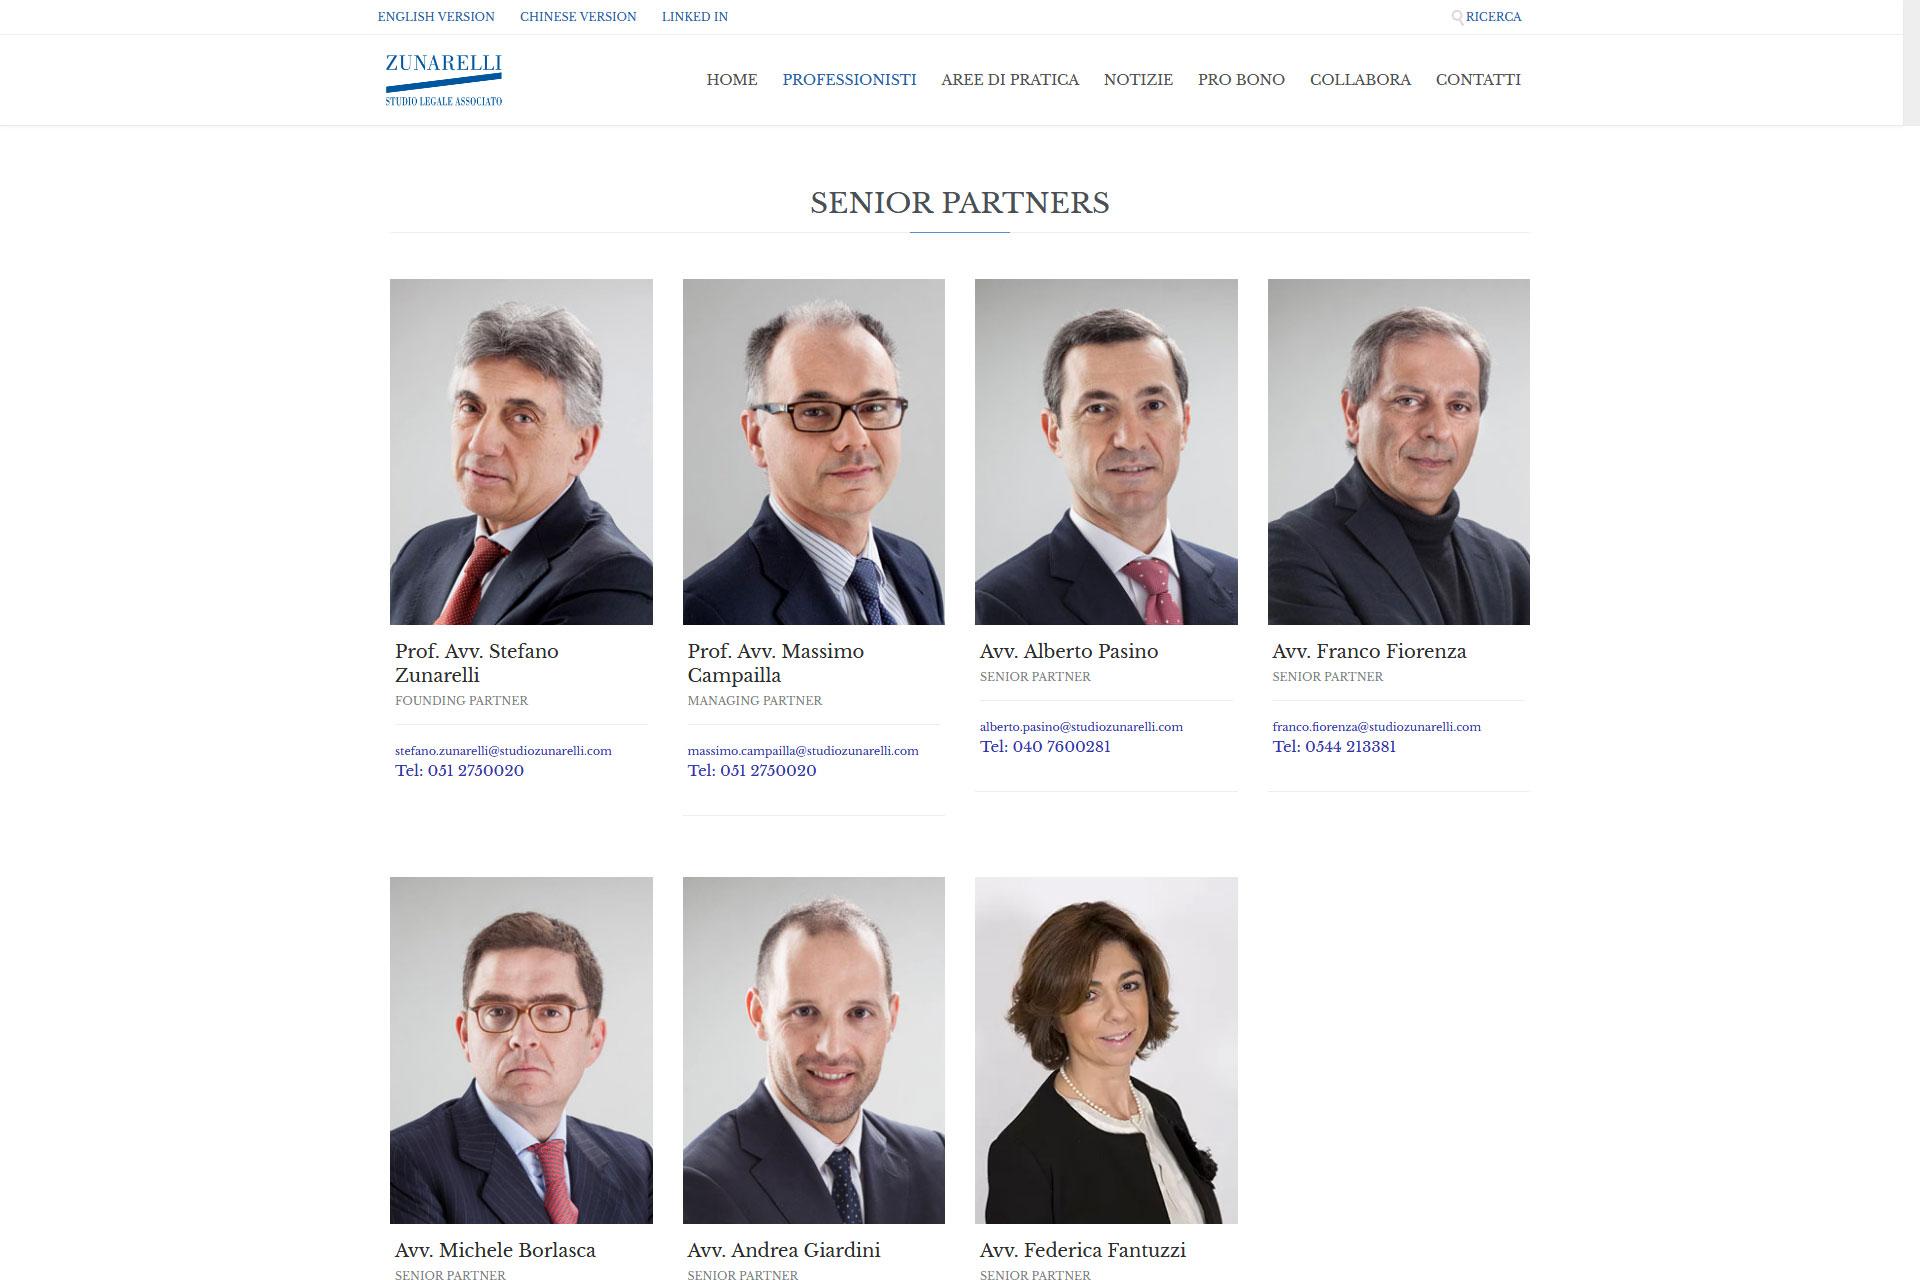 lv-design-realizzazione-siti-web-bologna-portfolio-zunarelli-studio-legale-associato-slide-3